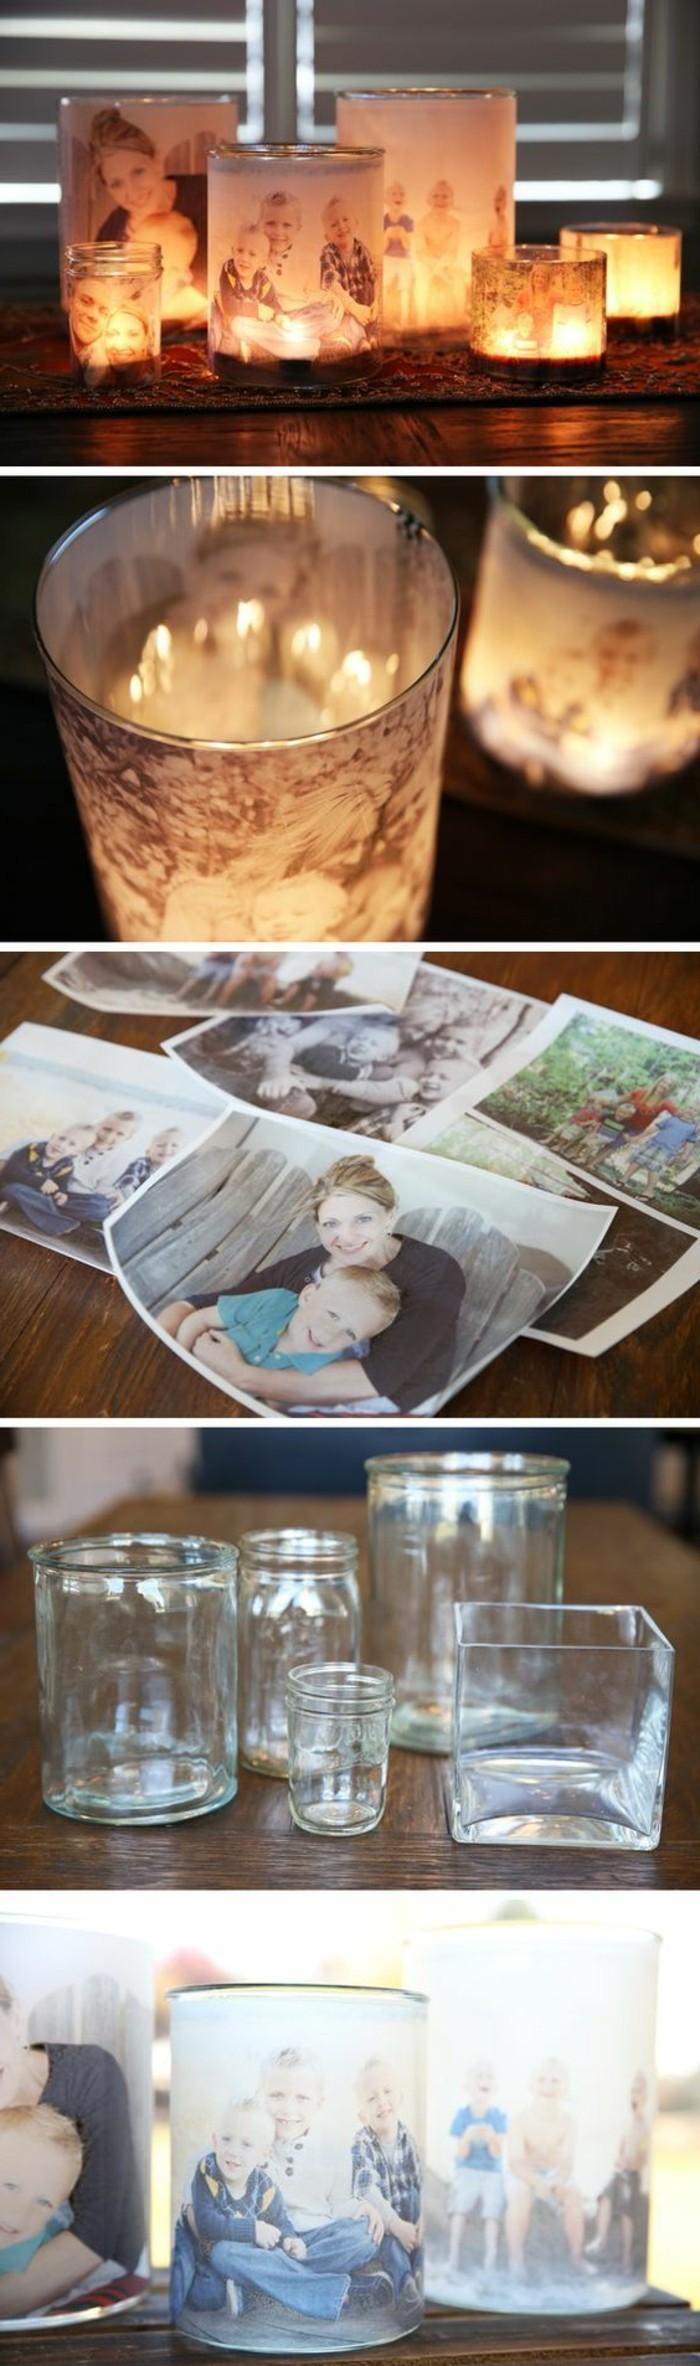 ideas para regalar únicas, regalos especiales con fotos, candelabros DIY con fotos de familia